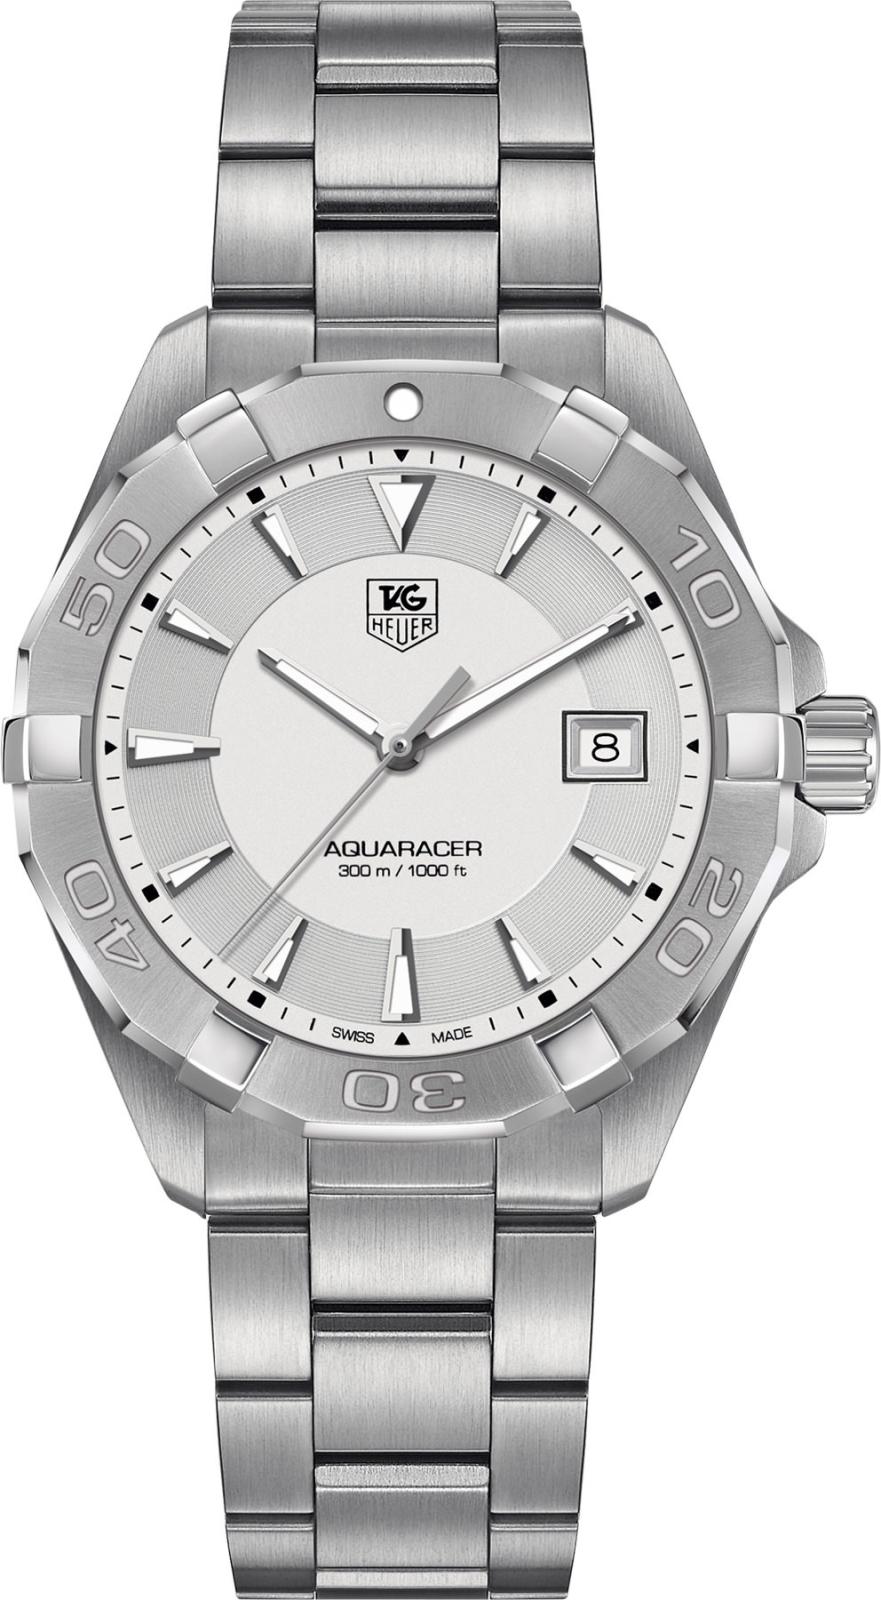 TAG Heuer WAY1111.BA0928Наручные часы<br>Швейцарские часыTAG Heuer Aquaracer 300M WAY1111.BA0928Часы из коллекции Aquaracer. Это спортивные мужские кварцевые часы, окошко даты в положении 3 часа, вращающийся в одном направлении безель. Механизм — кварцевый. Материал корпуса часов — матовая сталь. Покрытие часовых меток - люминисцентный состав Superluminova. В этих часах используется сапфировое стекло. Водозащита - 300 м. Диаметр корпуса модели 40,5 мм.<br><br>Для кого?: Мужские<br>Страна-производитель: Швейцария<br>Механизм: Кварцевый<br>Материал корпуса: Сталь<br>Материал ремня/браслета: Сталь<br>Водозащита, диапазон: 200 - 800 м<br>Стекло: Сапфировое<br>Толщина корпуса/: <br>Стиль: Спорт